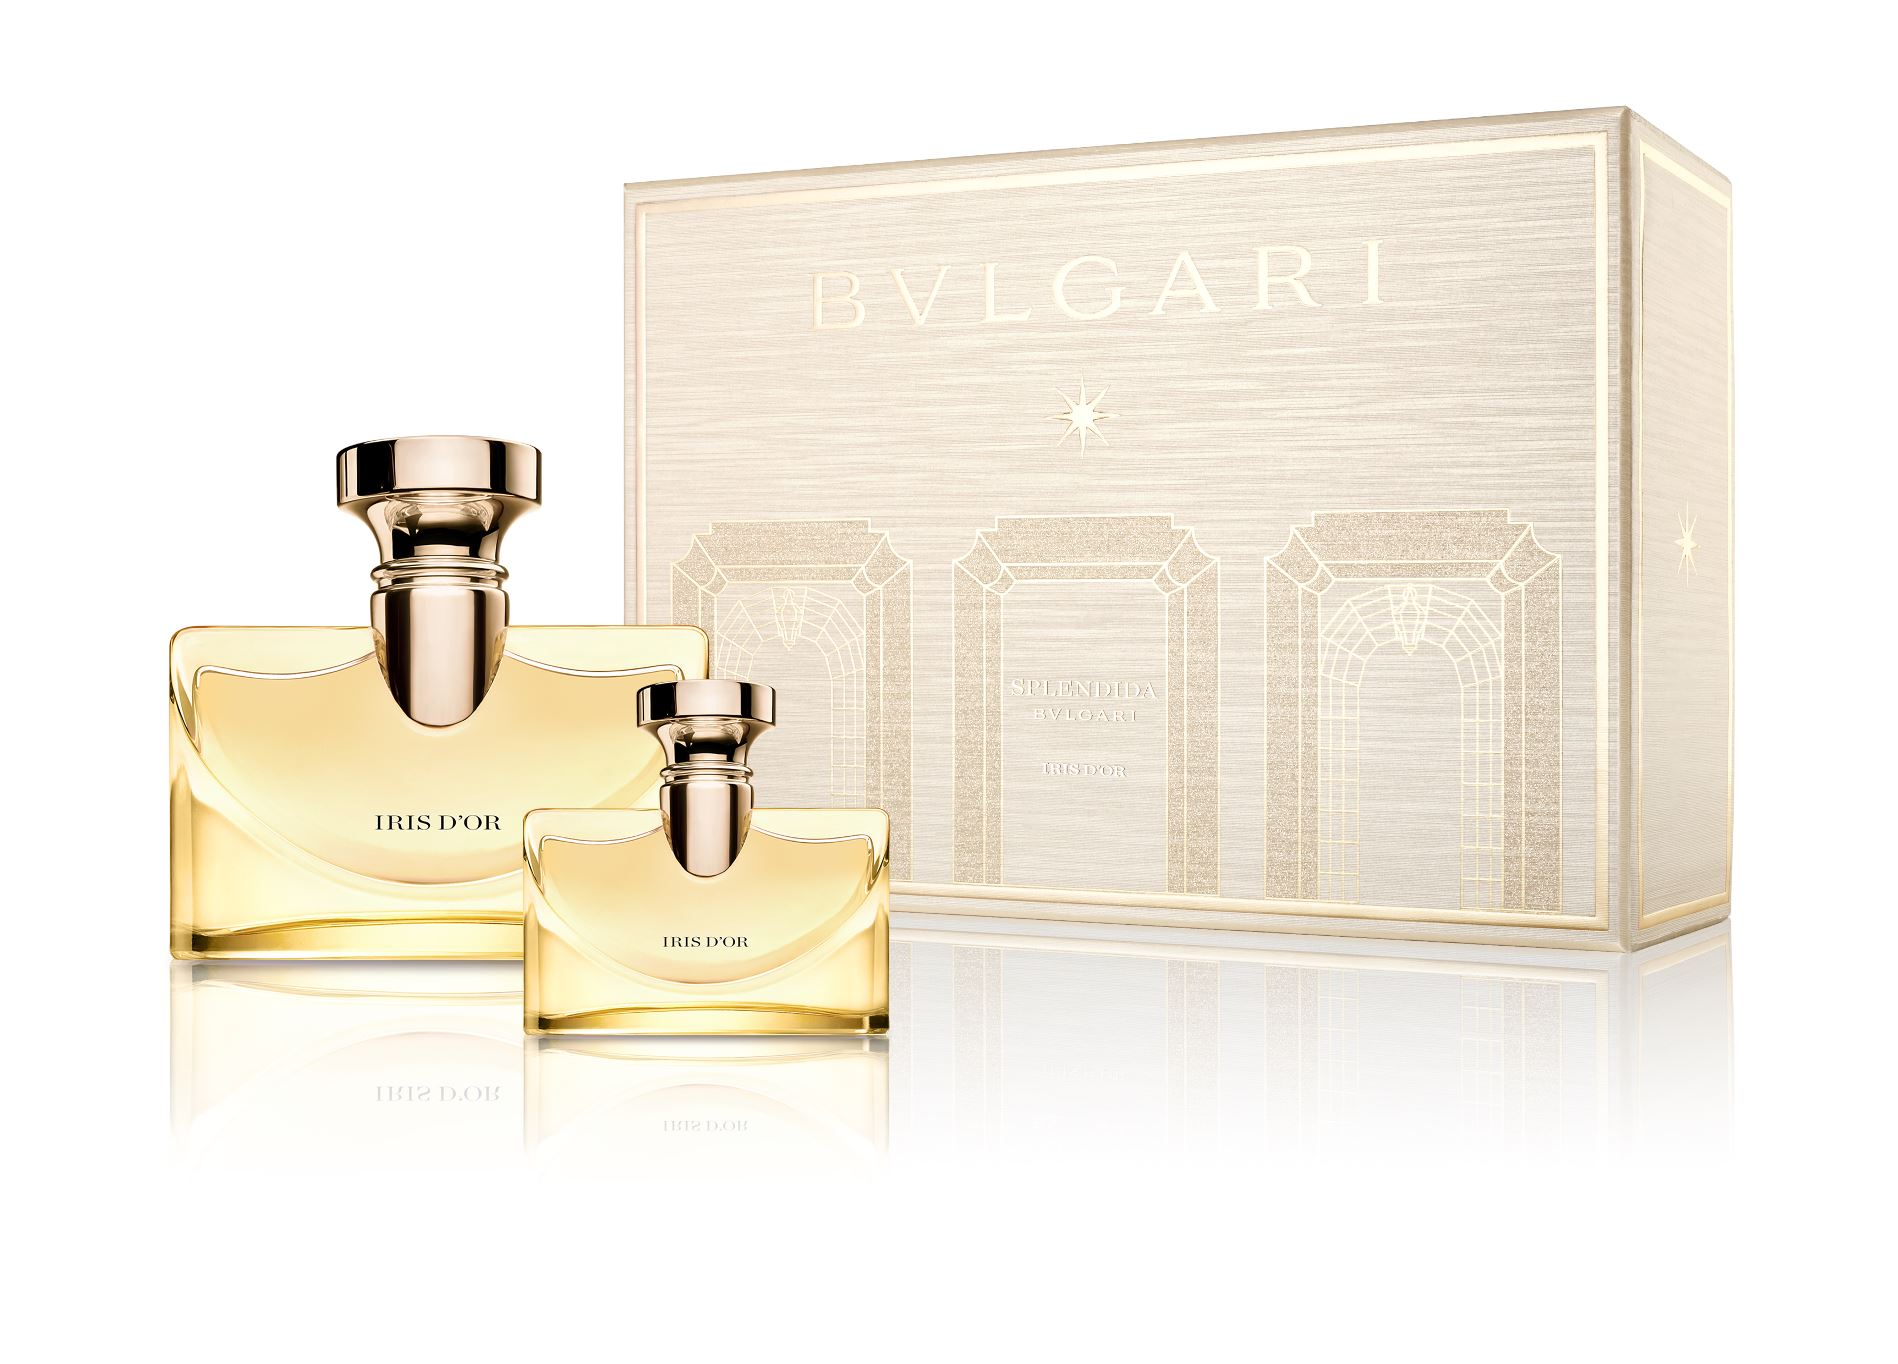 Bvlgari | Splendida Iris Gift Set (EDP50 ML and EDP15 ML)(86507)